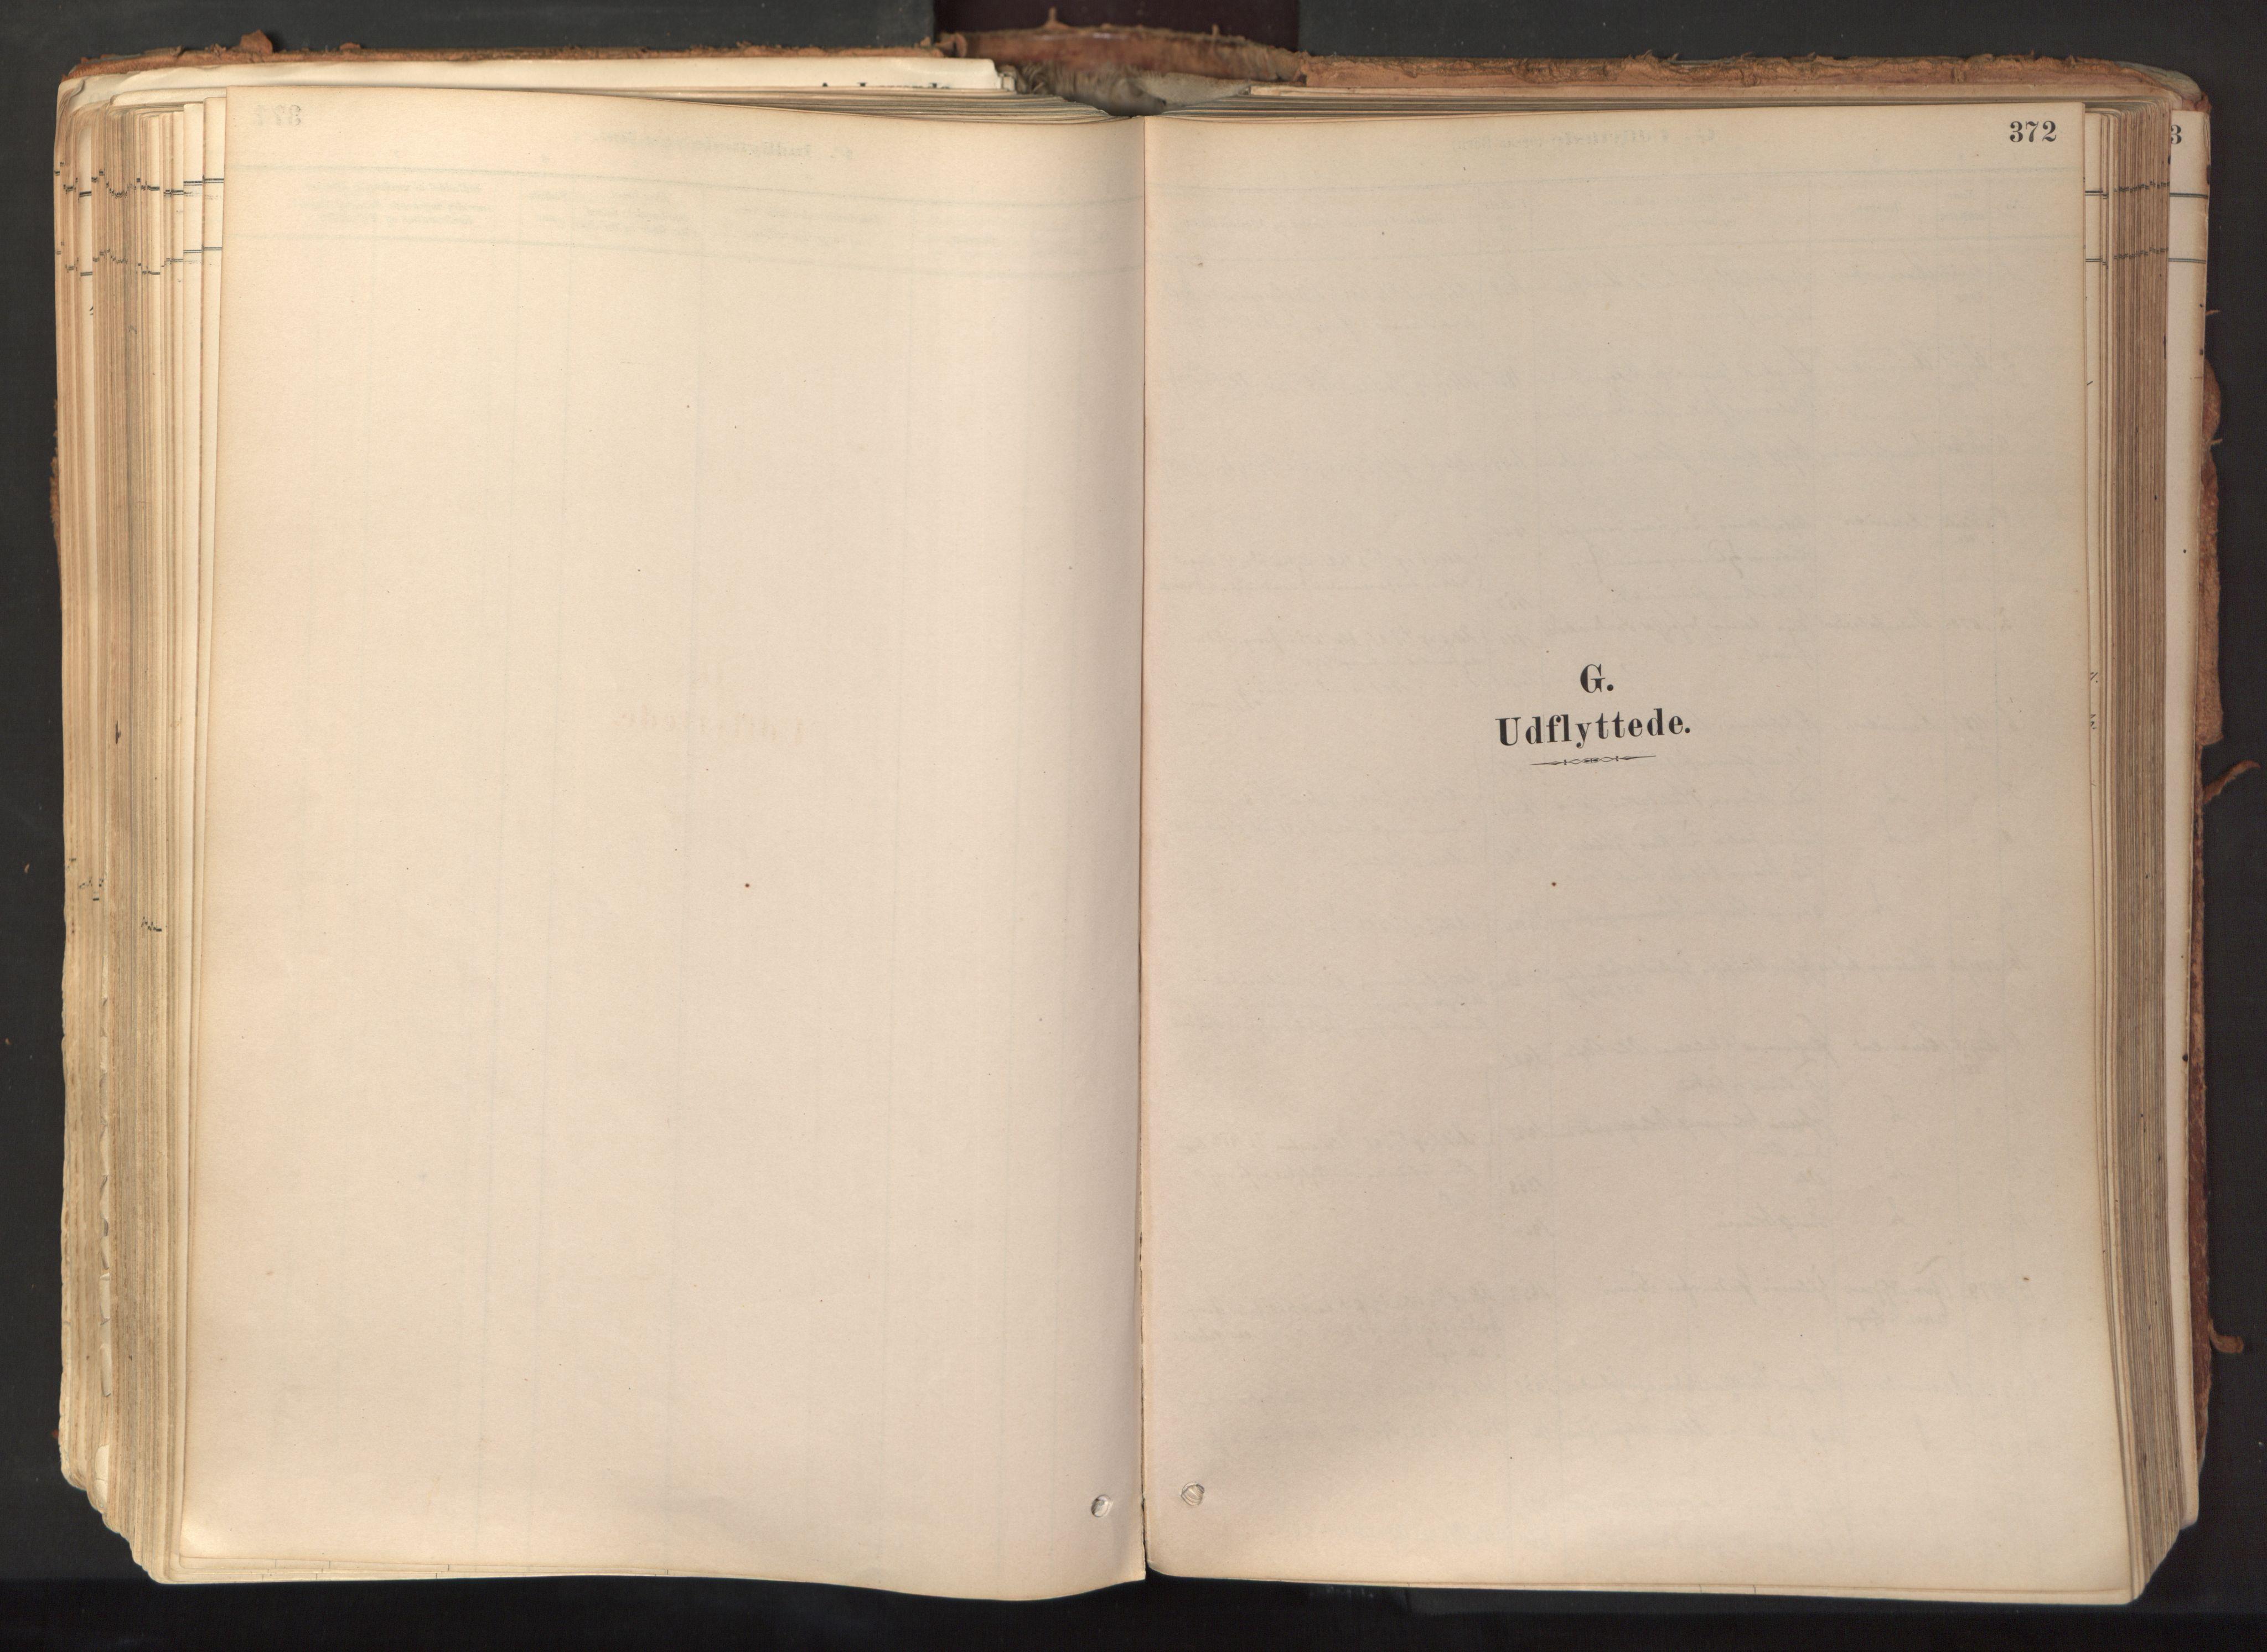 SAT, Ministerialprotokoller, klokkerbøker og fødselsregistre - Nord-Trøndelag, 758/L0519: Ministerialbok nr. 758A04, 1880-1926, s. 372